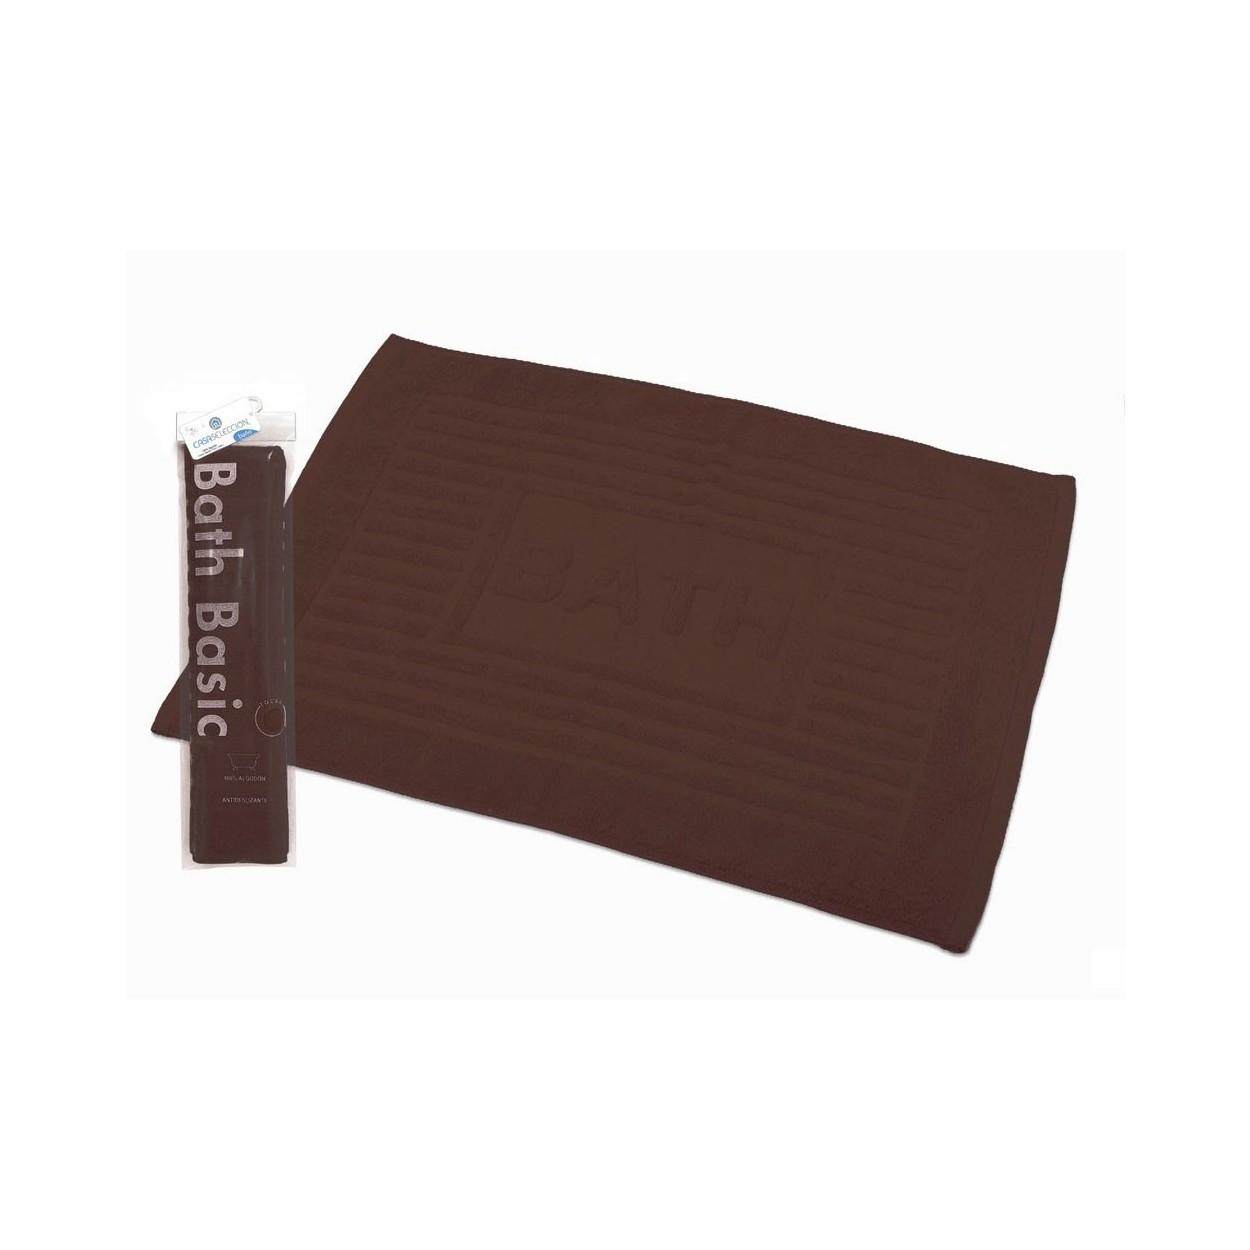 Alfombra para ba o algod n marr n chocolate de hogar y - Cortinas marron chocolate ...